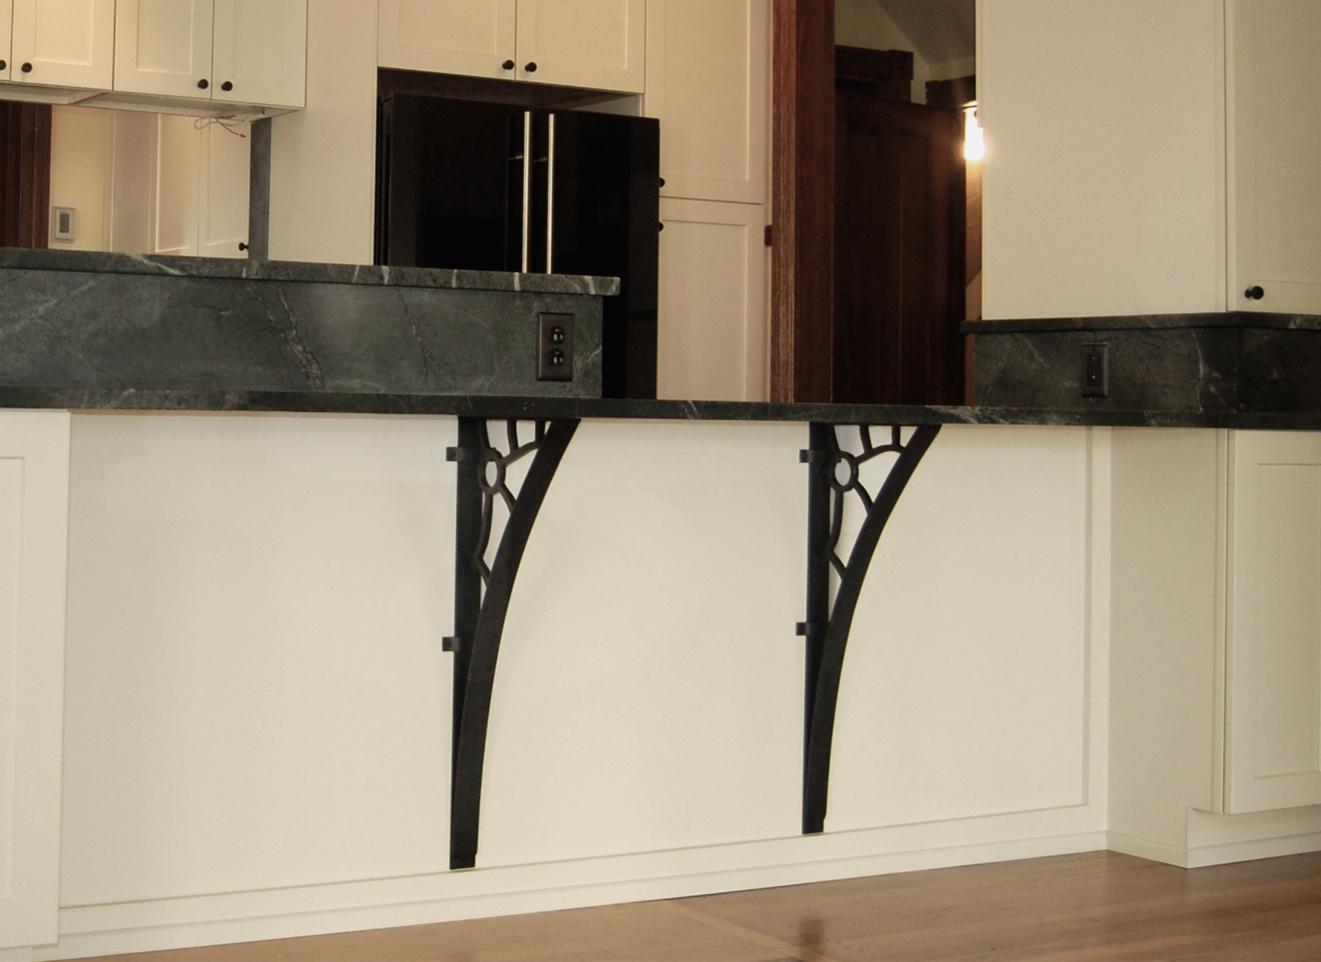 SHELF BRACKETS - custom designed for kitchen bar